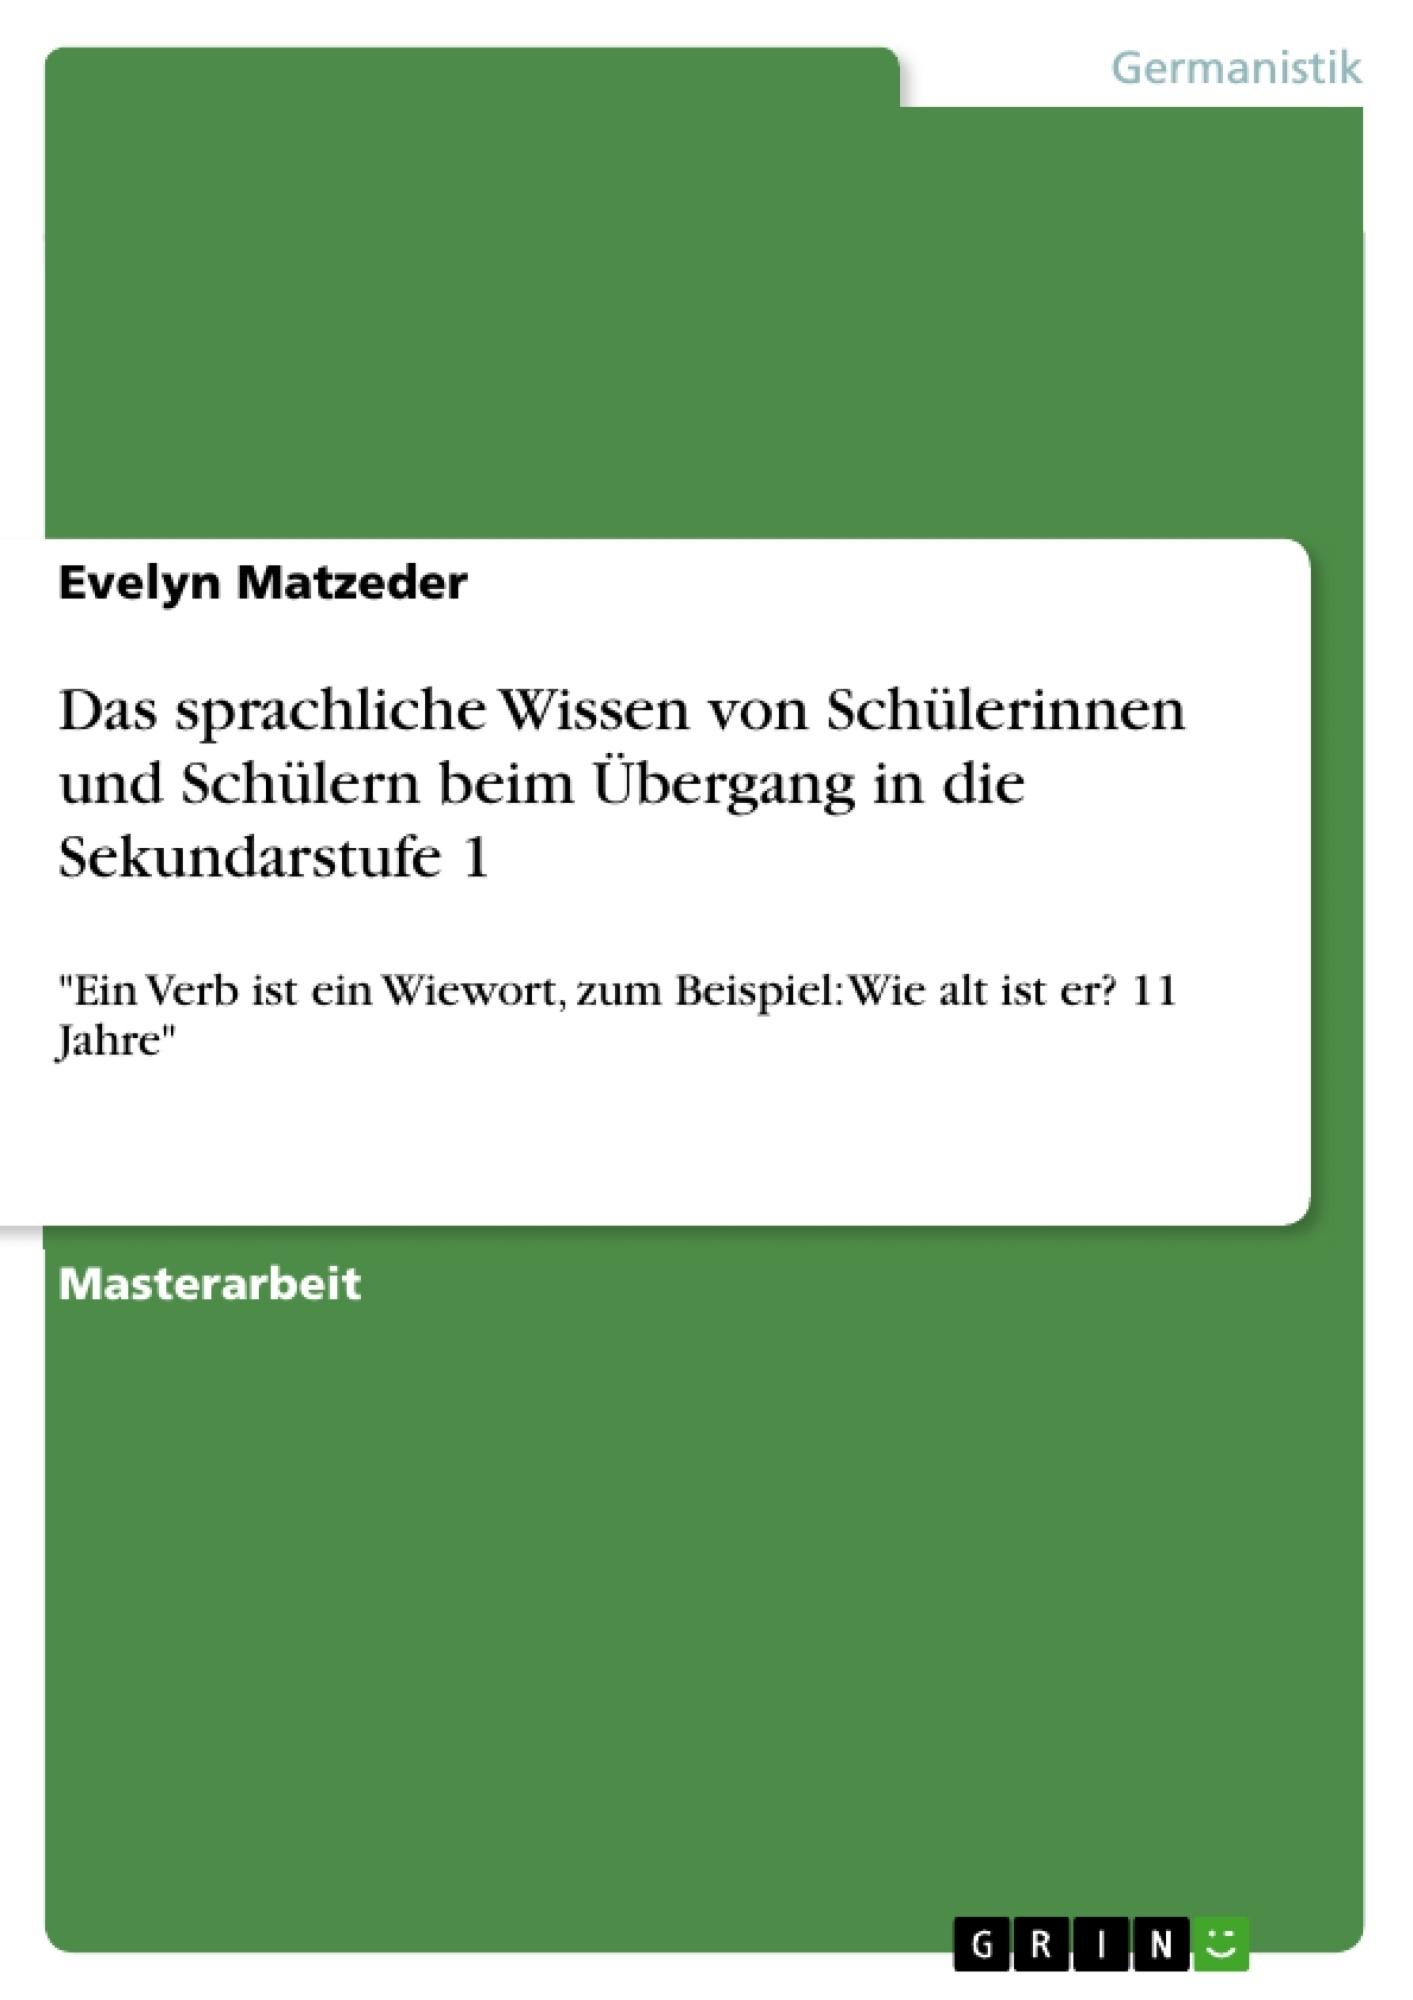 Titel: Das sprachliche Wissen von Schülerinnen und Schülern beim Übergang in die Sekundarstufe 1